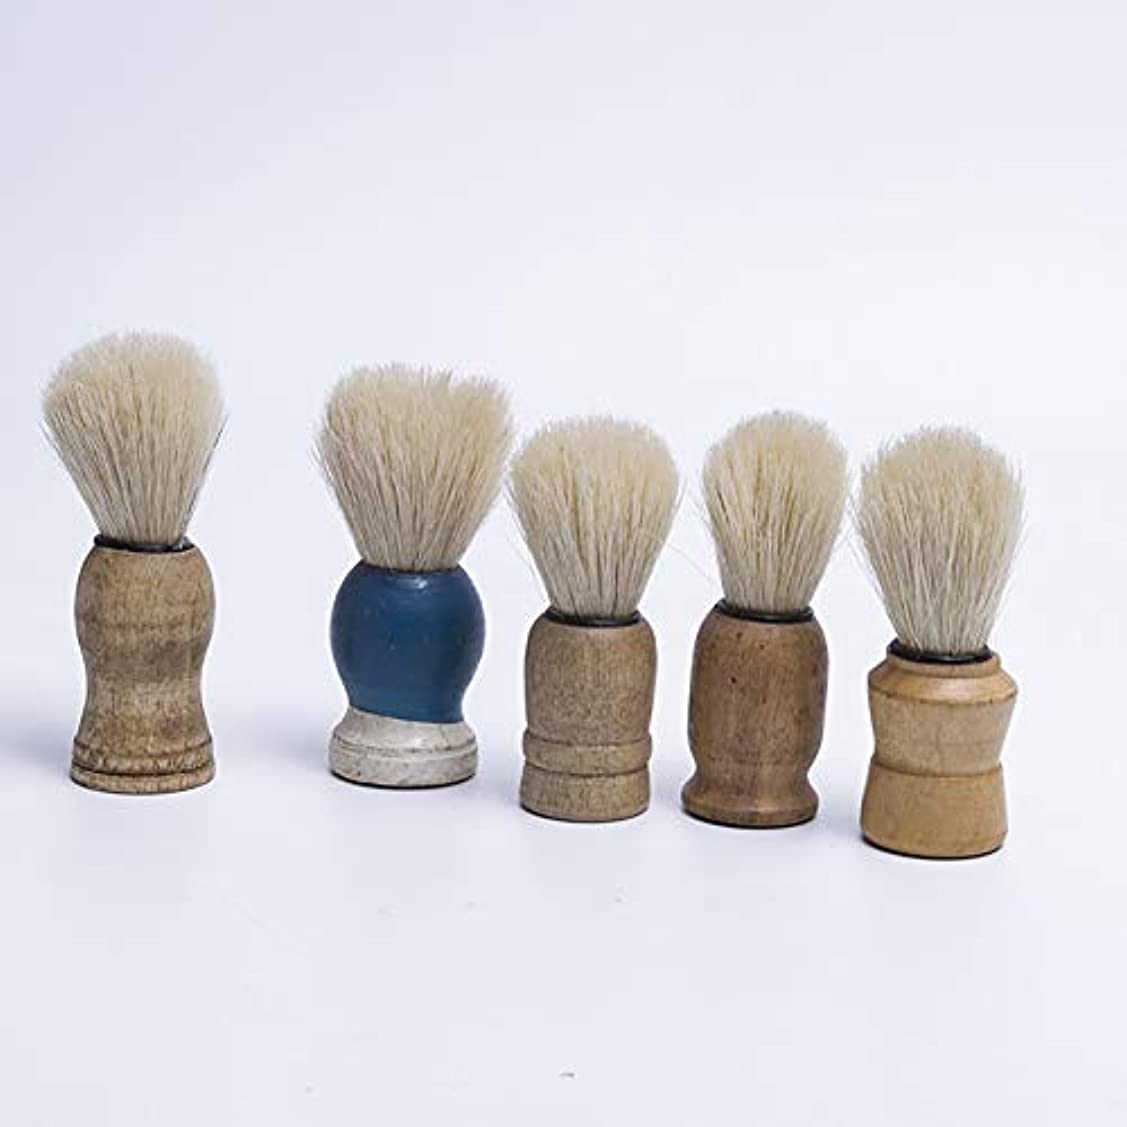 貫入変えるこしょうACHICOO 木製 ハンドルが付いている人 髭そり ブラシ 大広間 クリーニング 電気器具 剃毛用具 ブラシを剃っている人